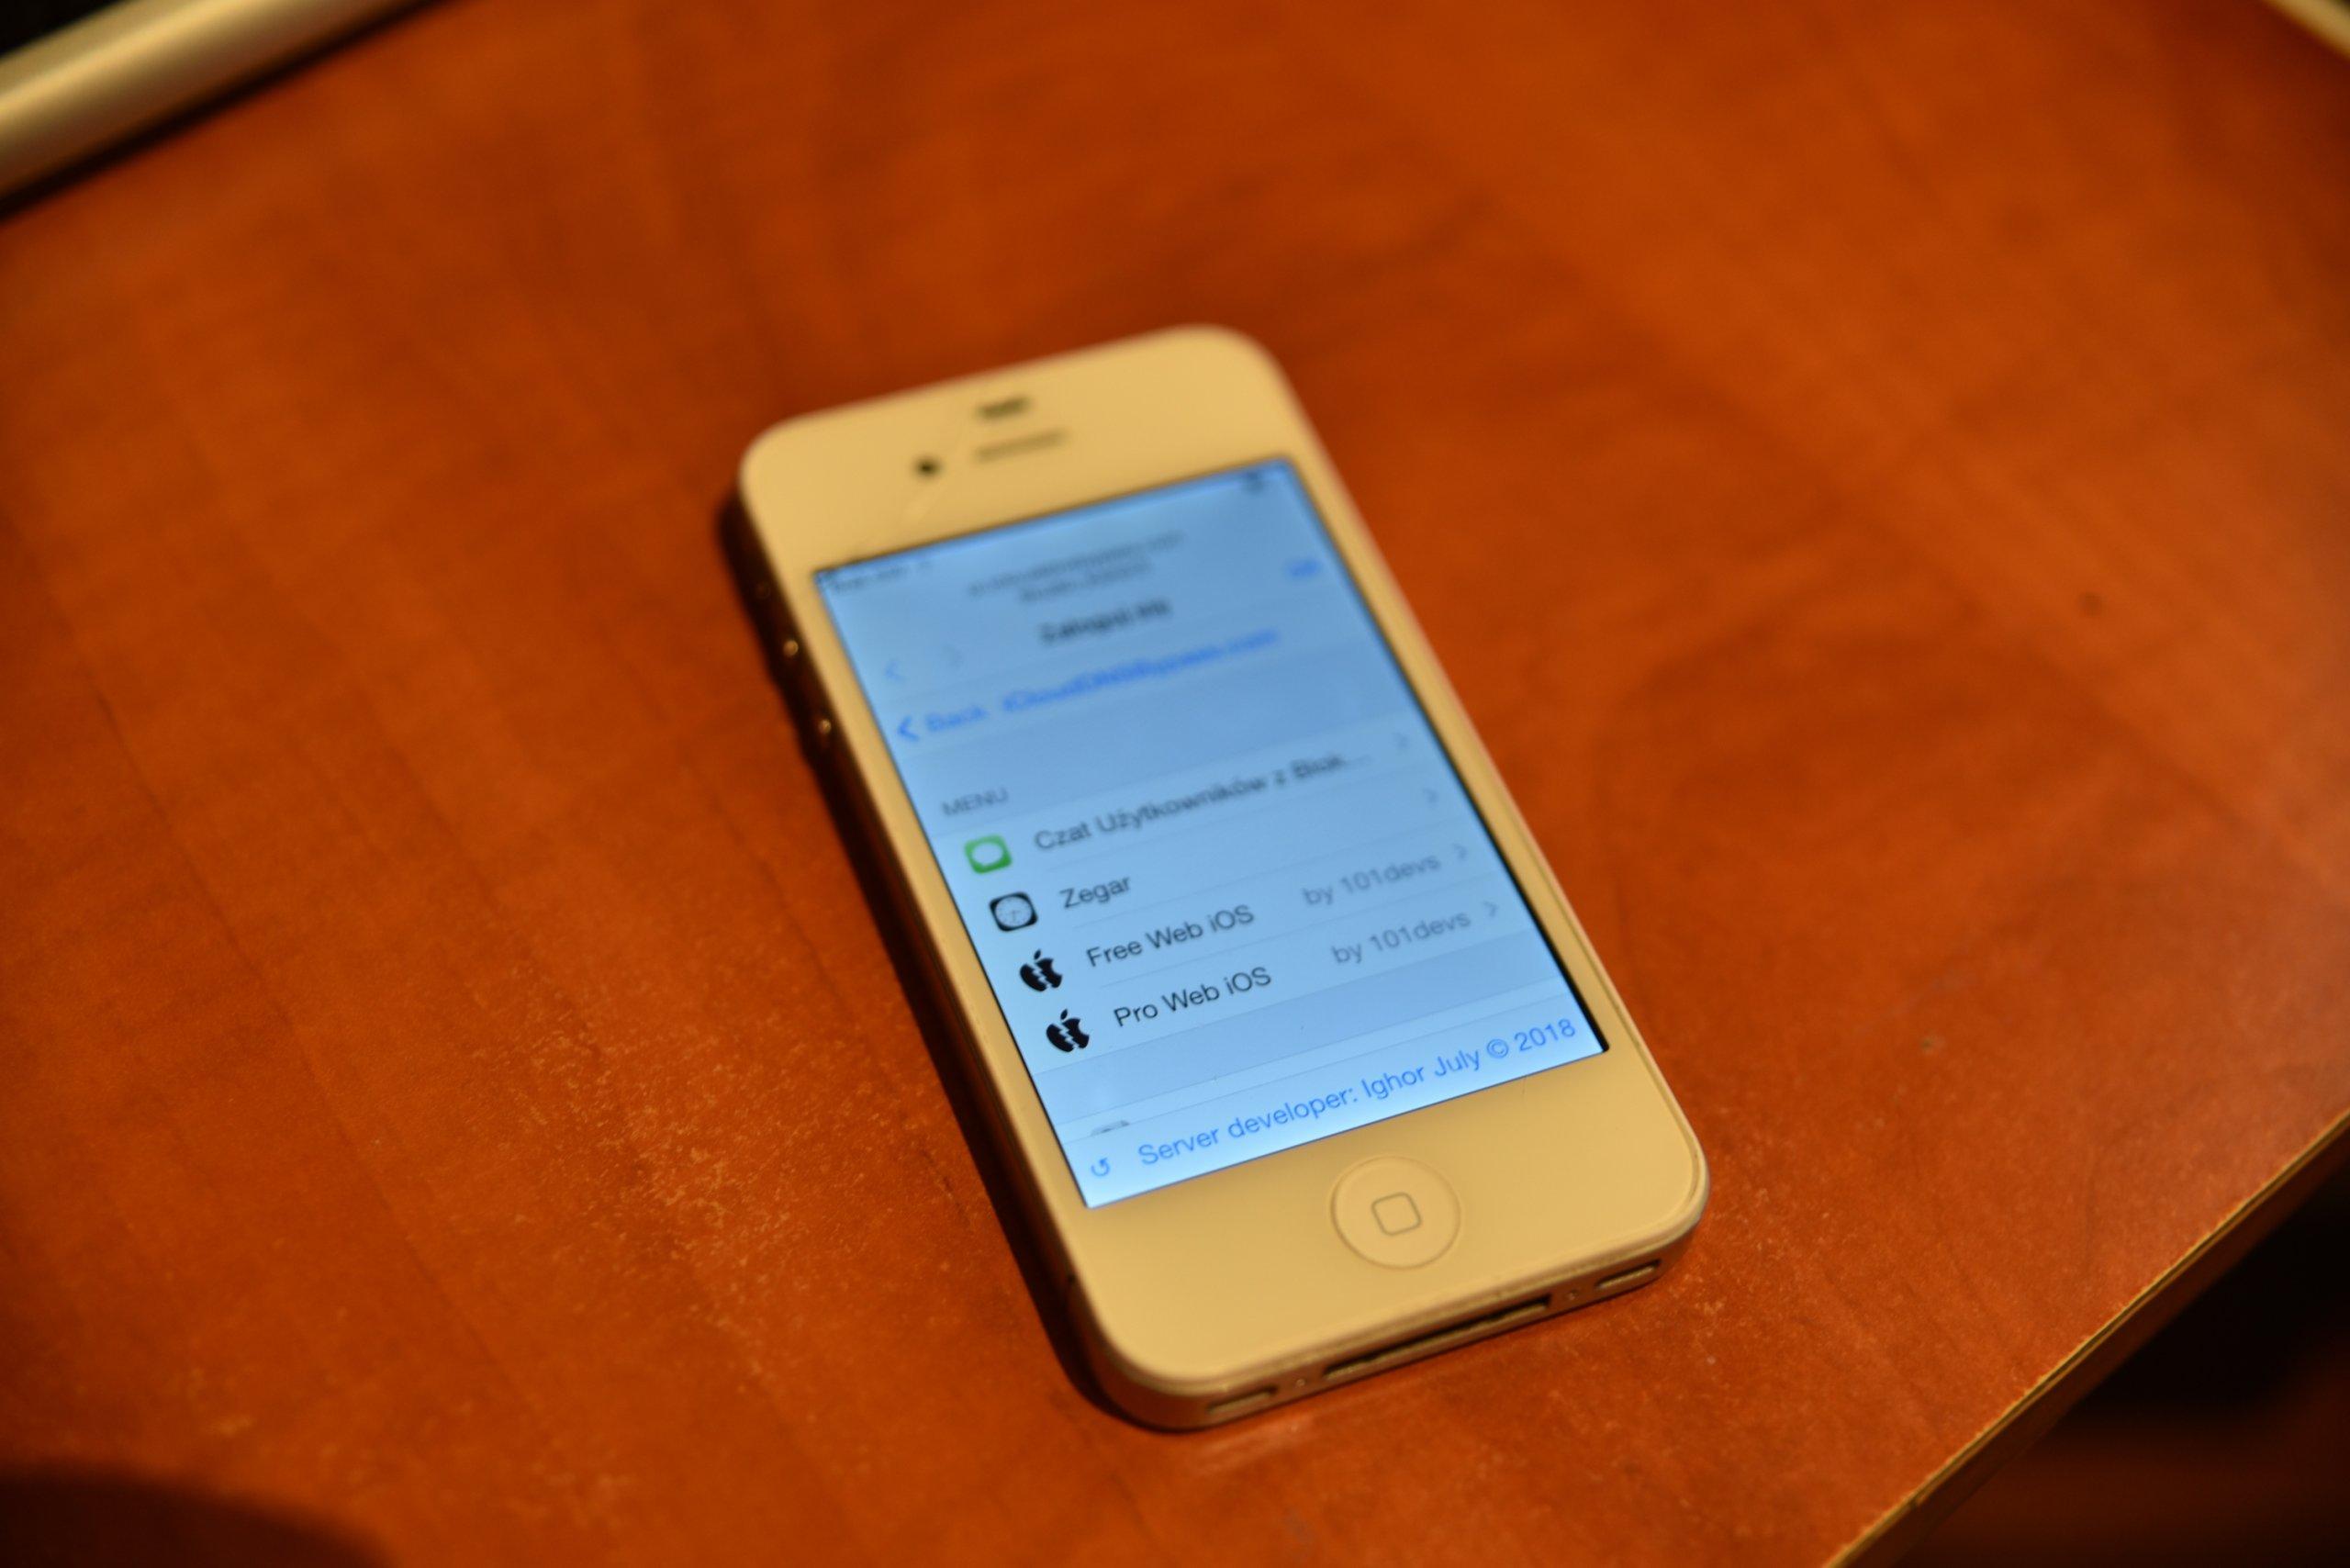 Iphone 4s Sprawny z blokadą iCloud